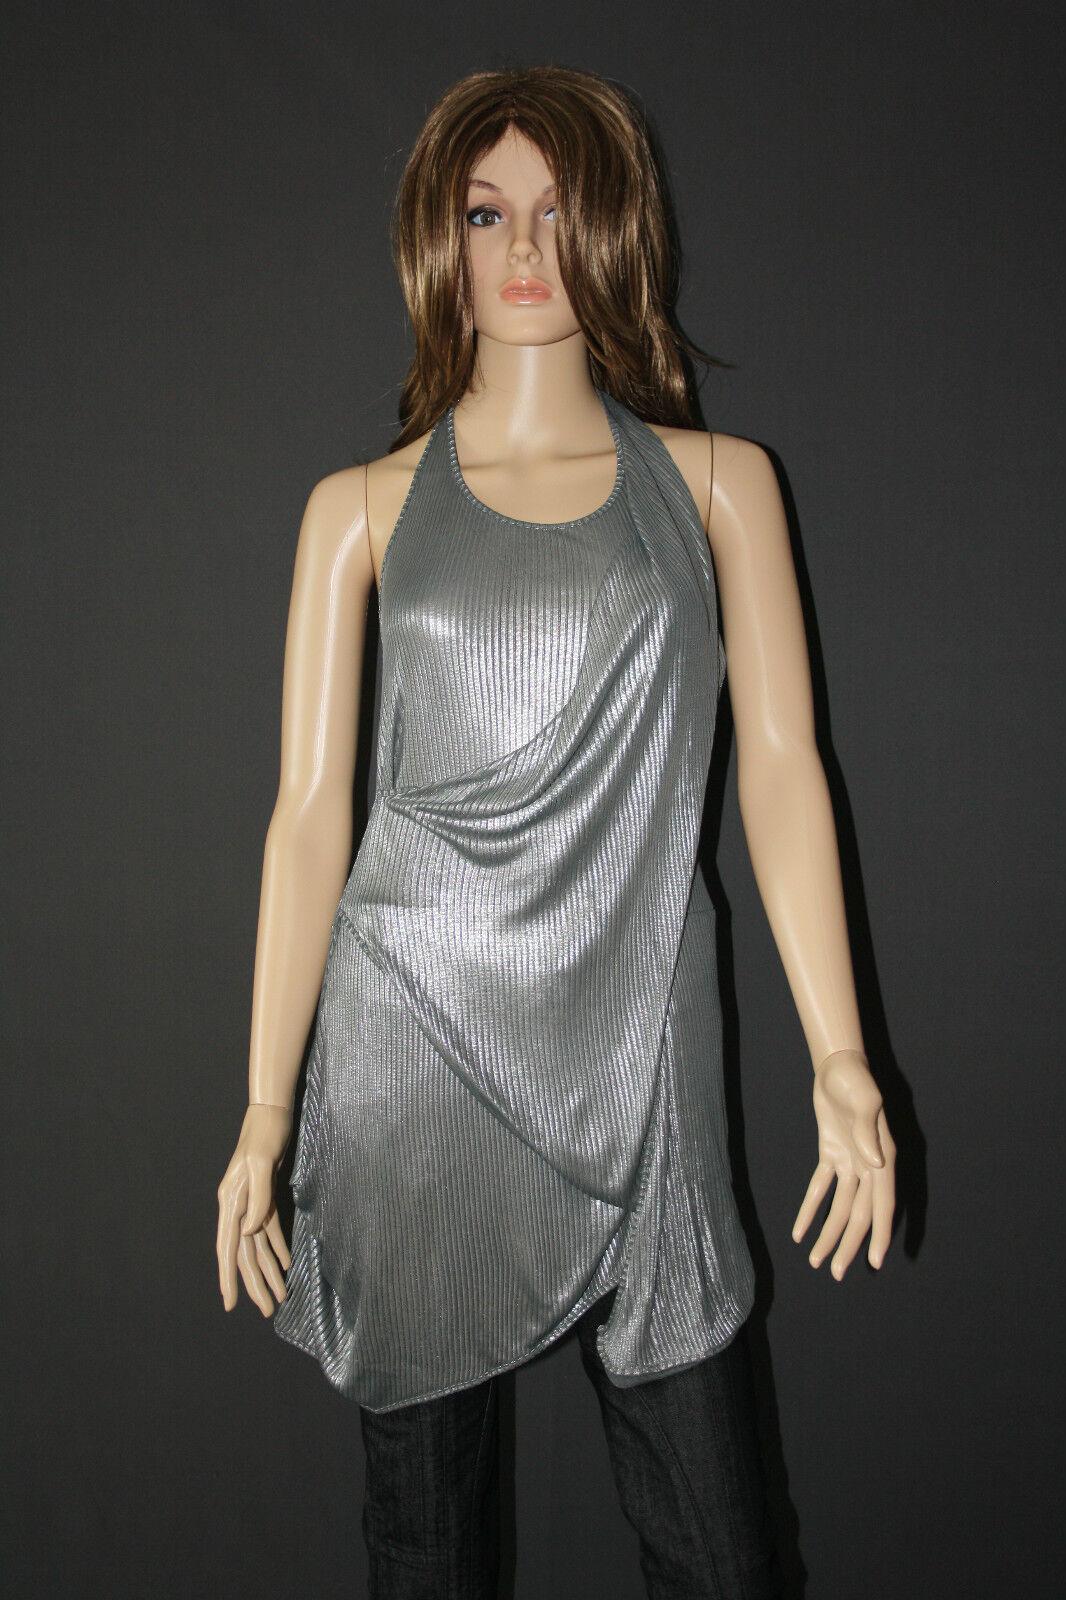 ANNHAGEN - - - TANK TOP LONG SILBER - OBERTEIL - TUNIKA - KLEID - GR 34-  429,--  | Auktion  | Lebhaft  | Preiszugeständnisse  | Einfach zu bedienen  | Starke Hitze- und Hitzebeständigkeit  248547